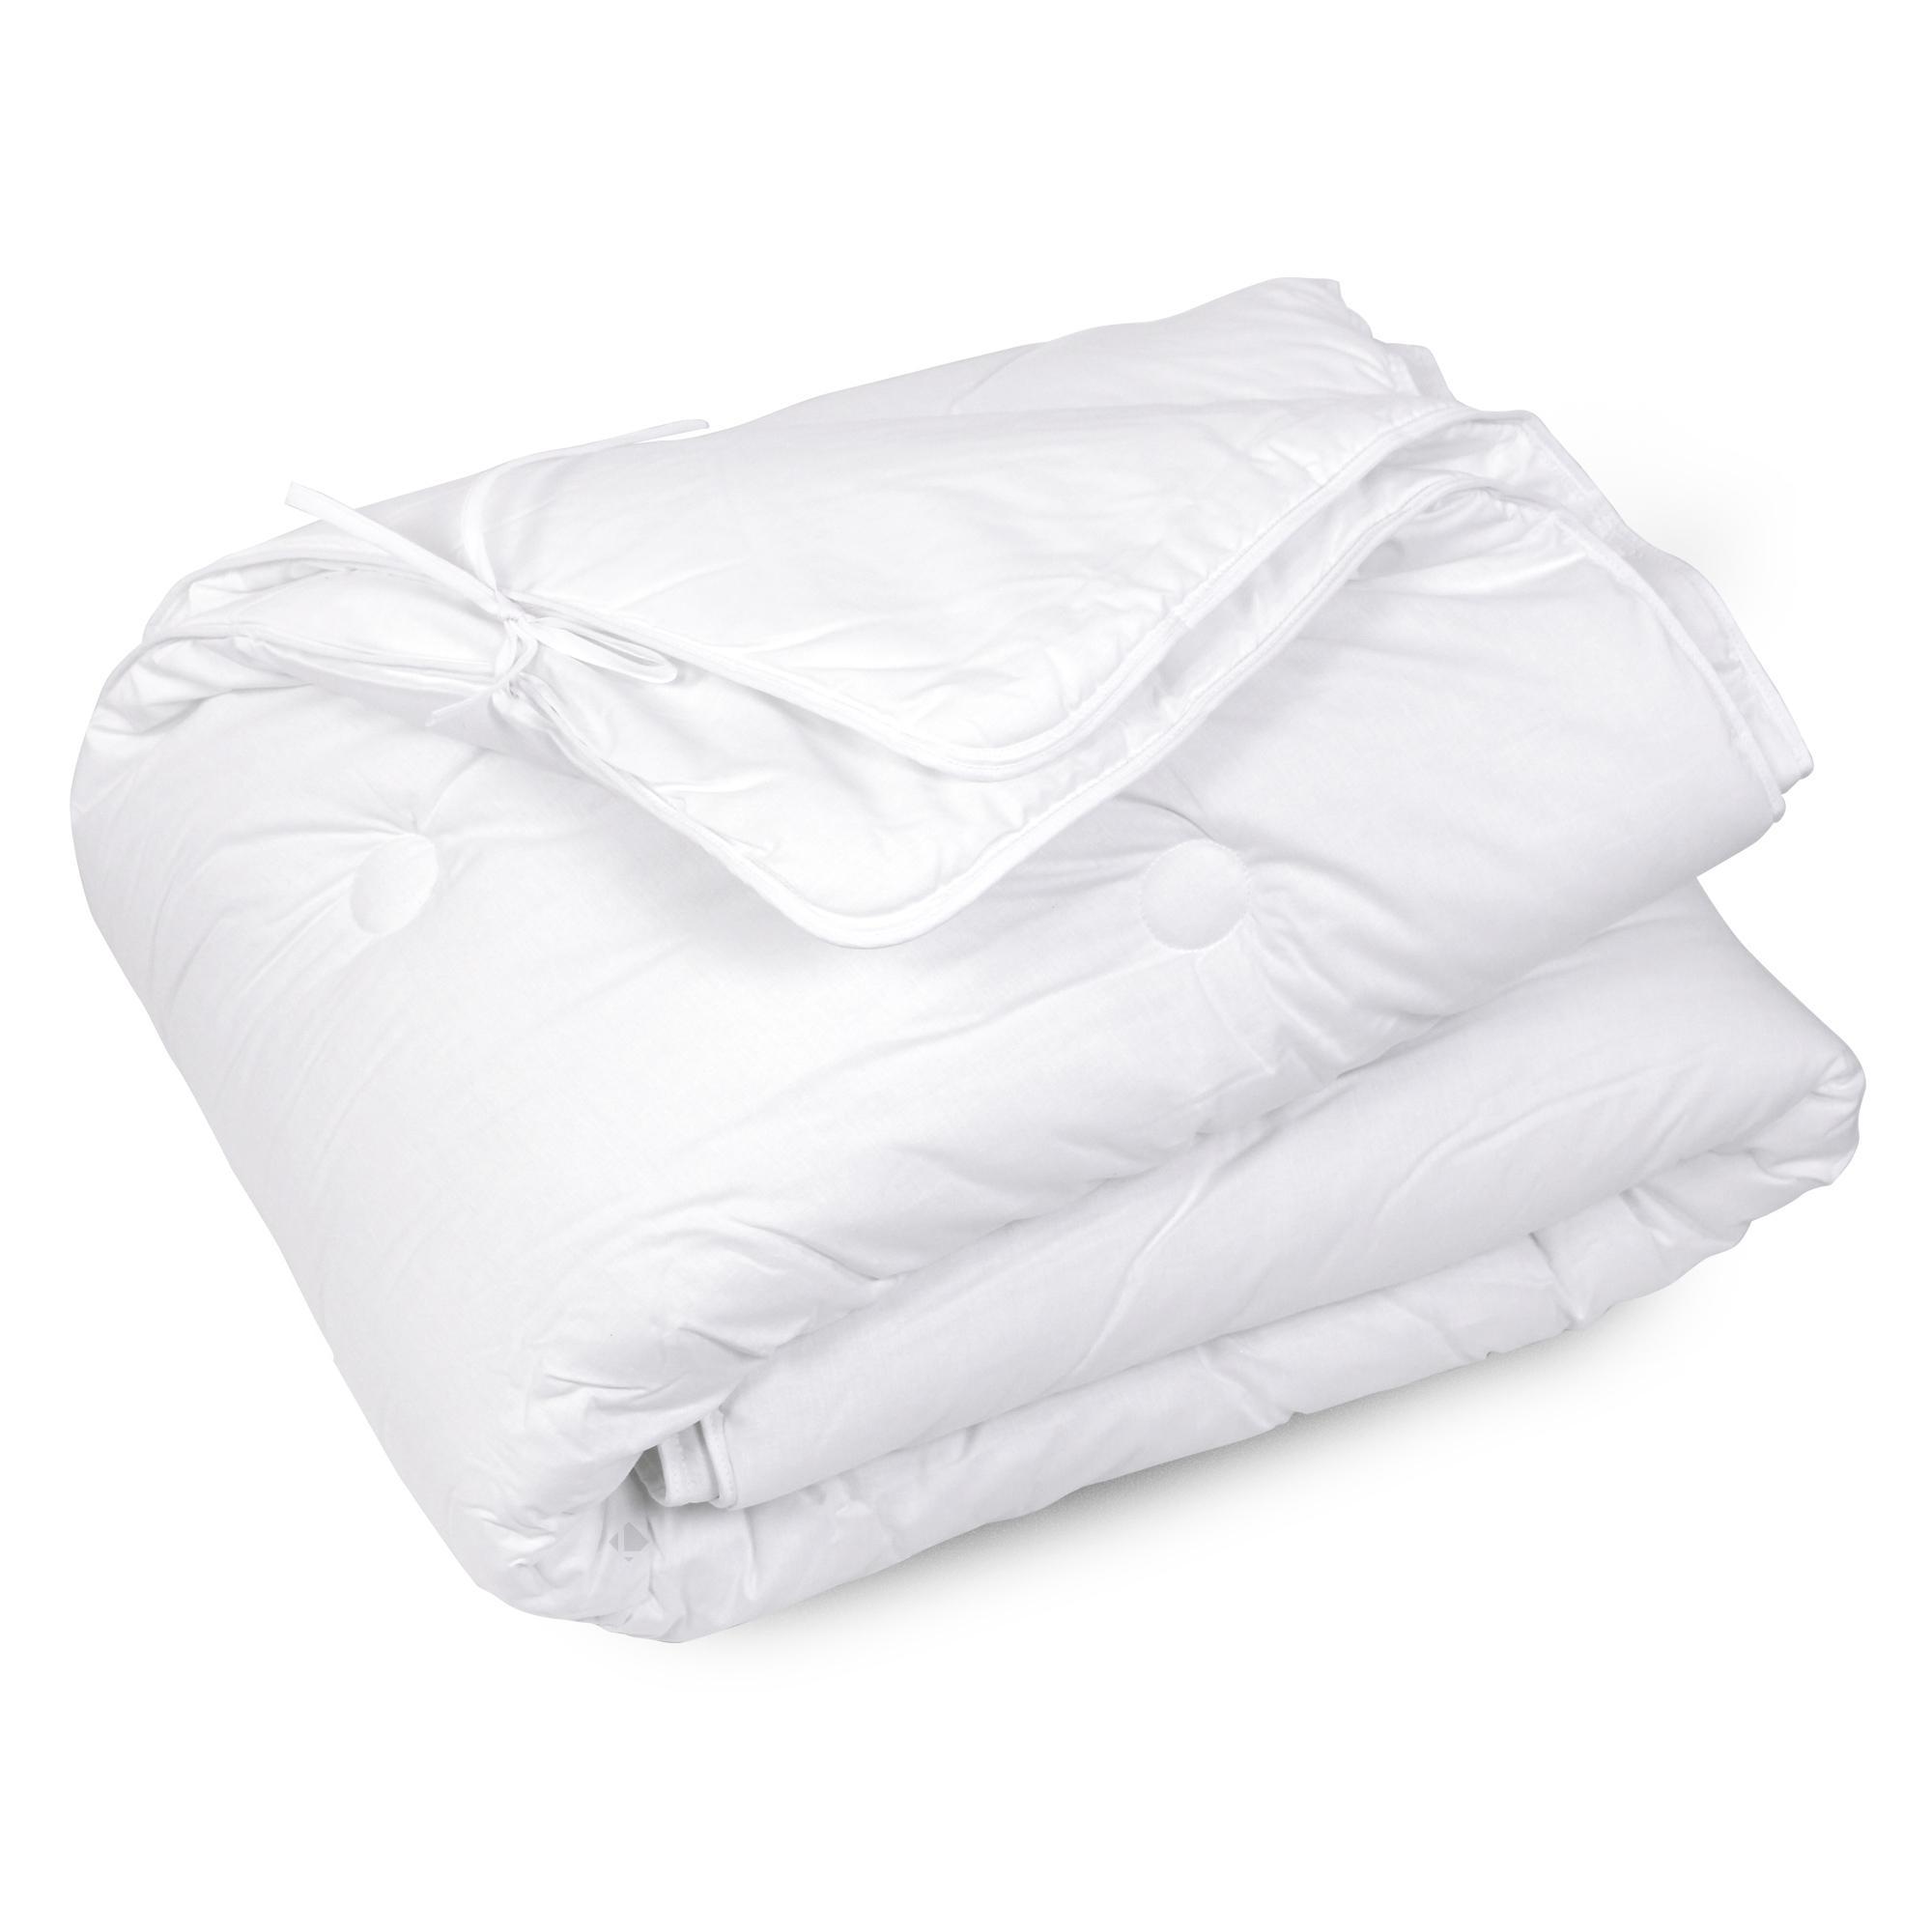 couette 200x200 cm elsa 4 saisons 200 g m2 300 g m2 500 g m2 fibre creuse polyester. Black Bedroom Furniture Sets. Home Design Ideas